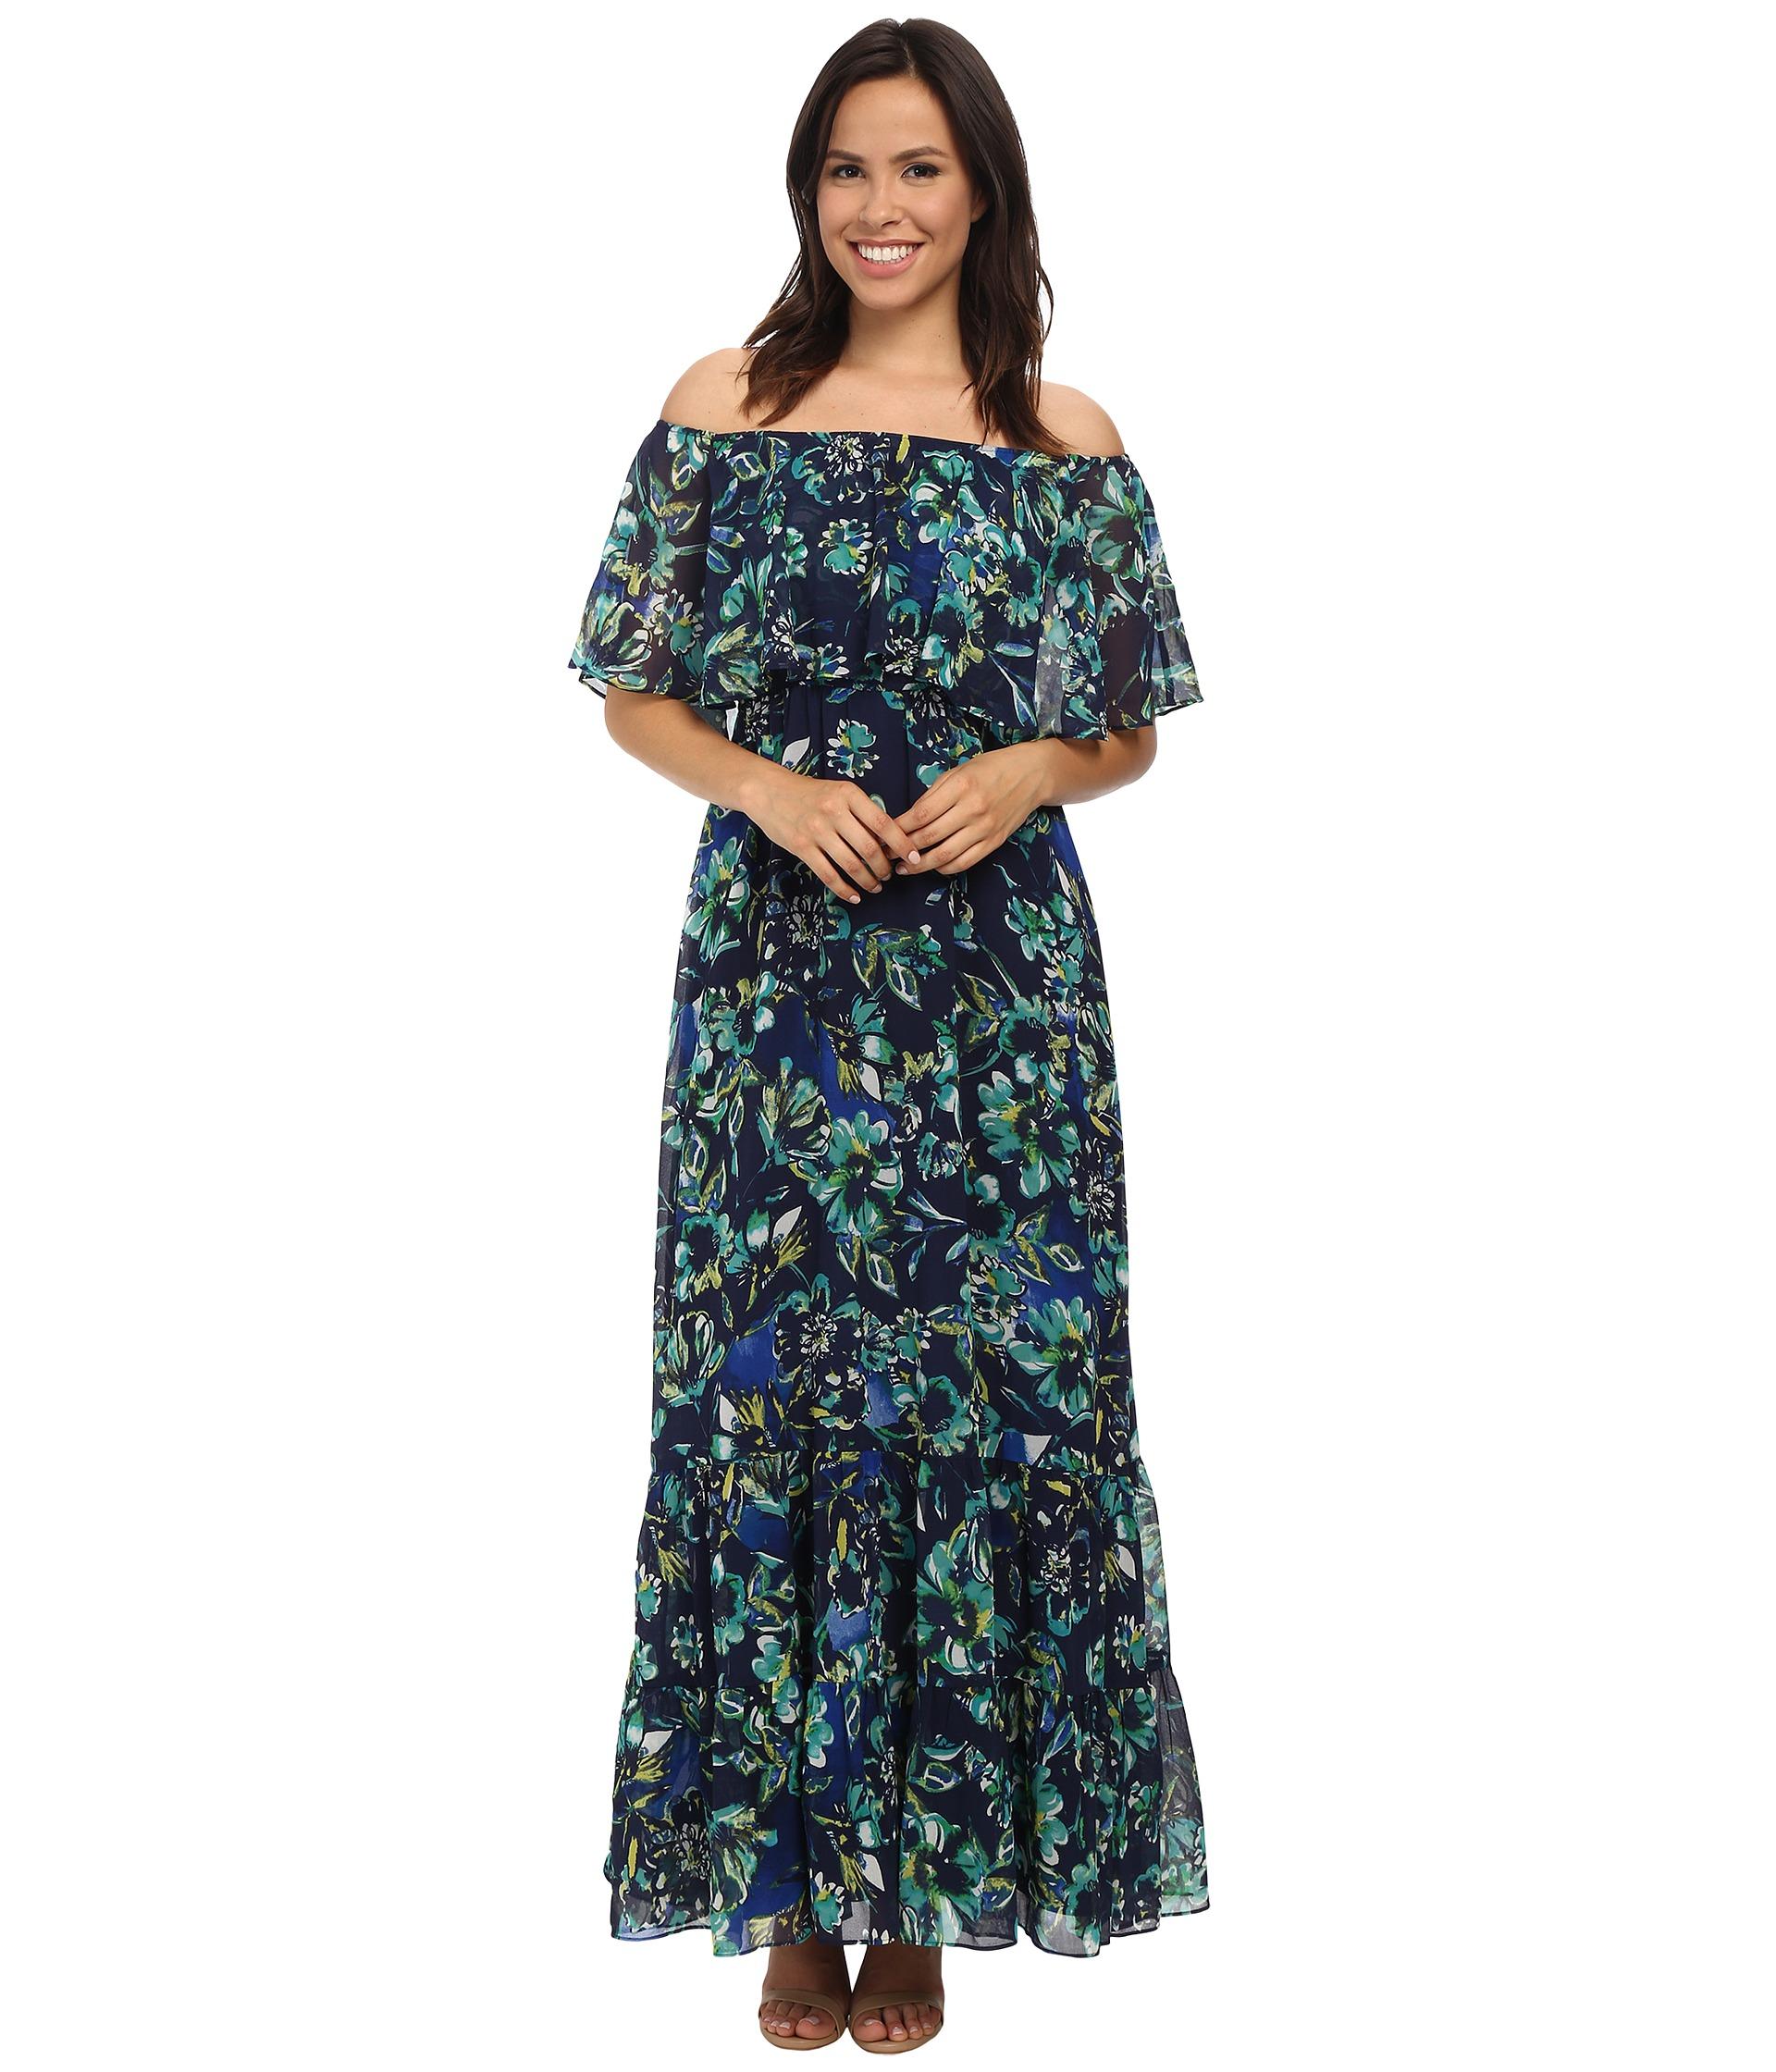 26be9b65fe82 Donna Morgan Off-shoulder Chiffon Maxi Dress - Lyst